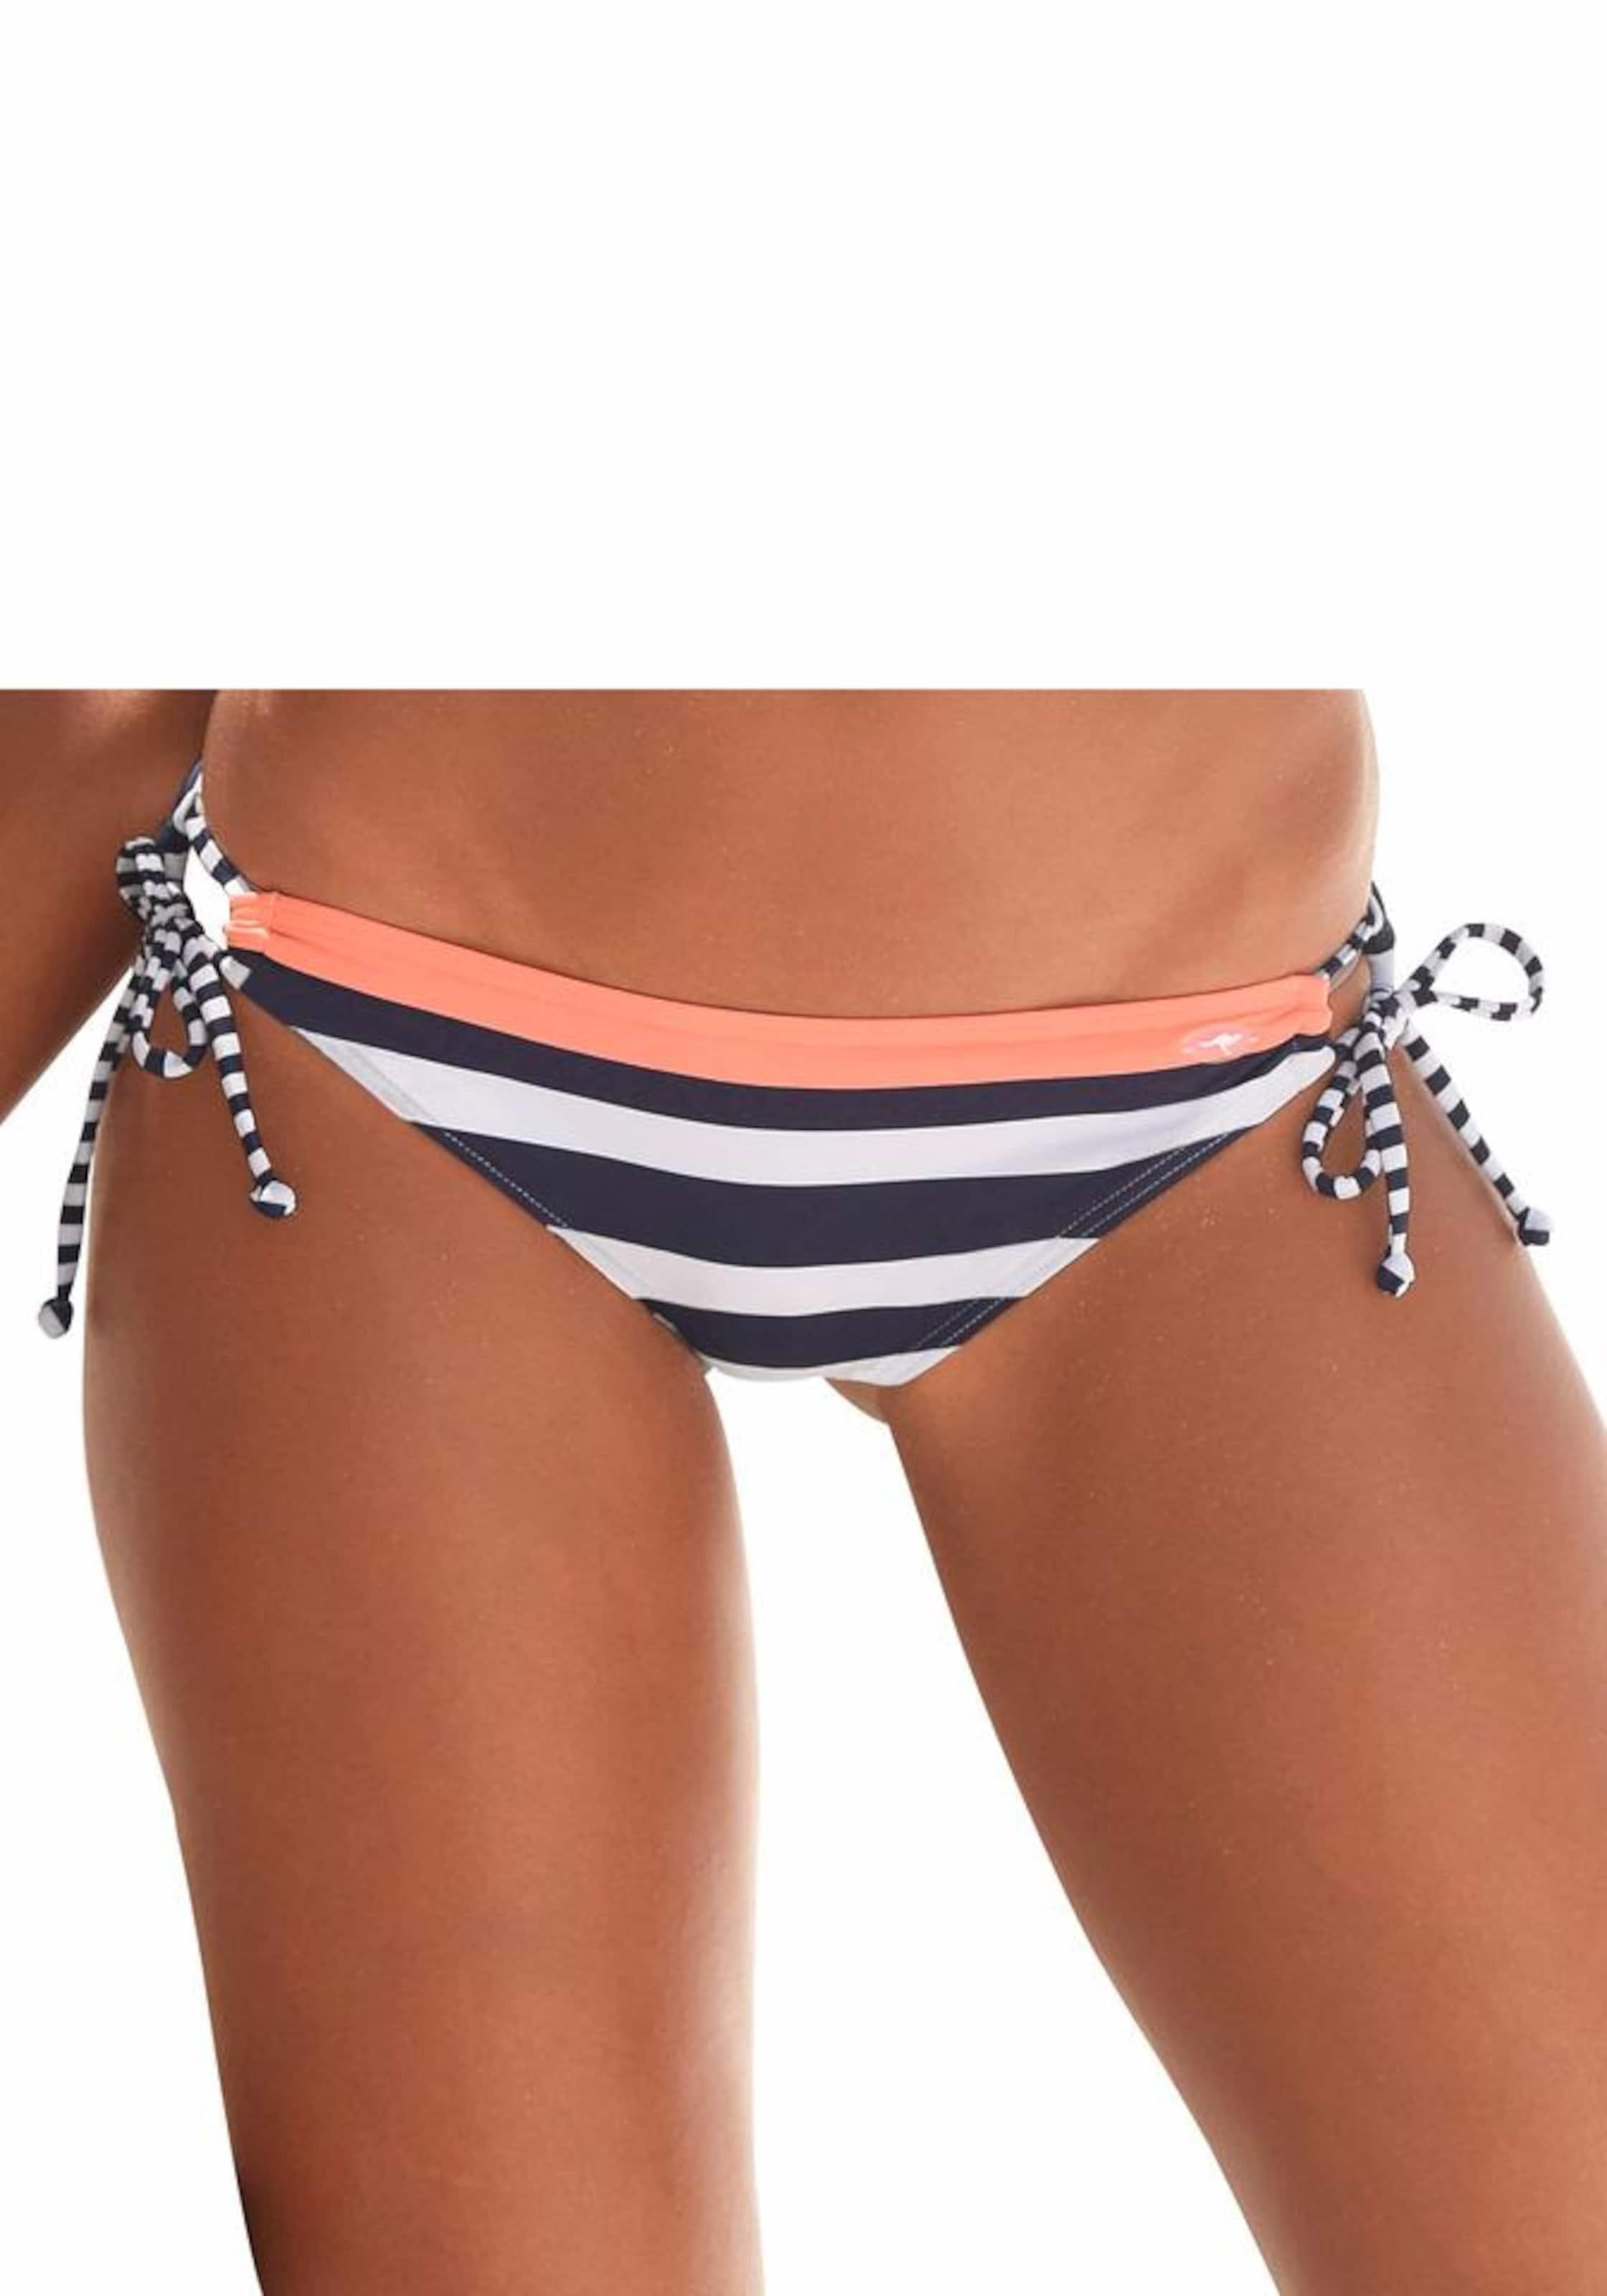 KangaROOS Bikini-Hose Günstiger Preis Versandkosten Für Billig Bestseller Bestes Geschäft Zu Bekommen Günstig Kaufen Zahlung Mit Visa V8pgfu5